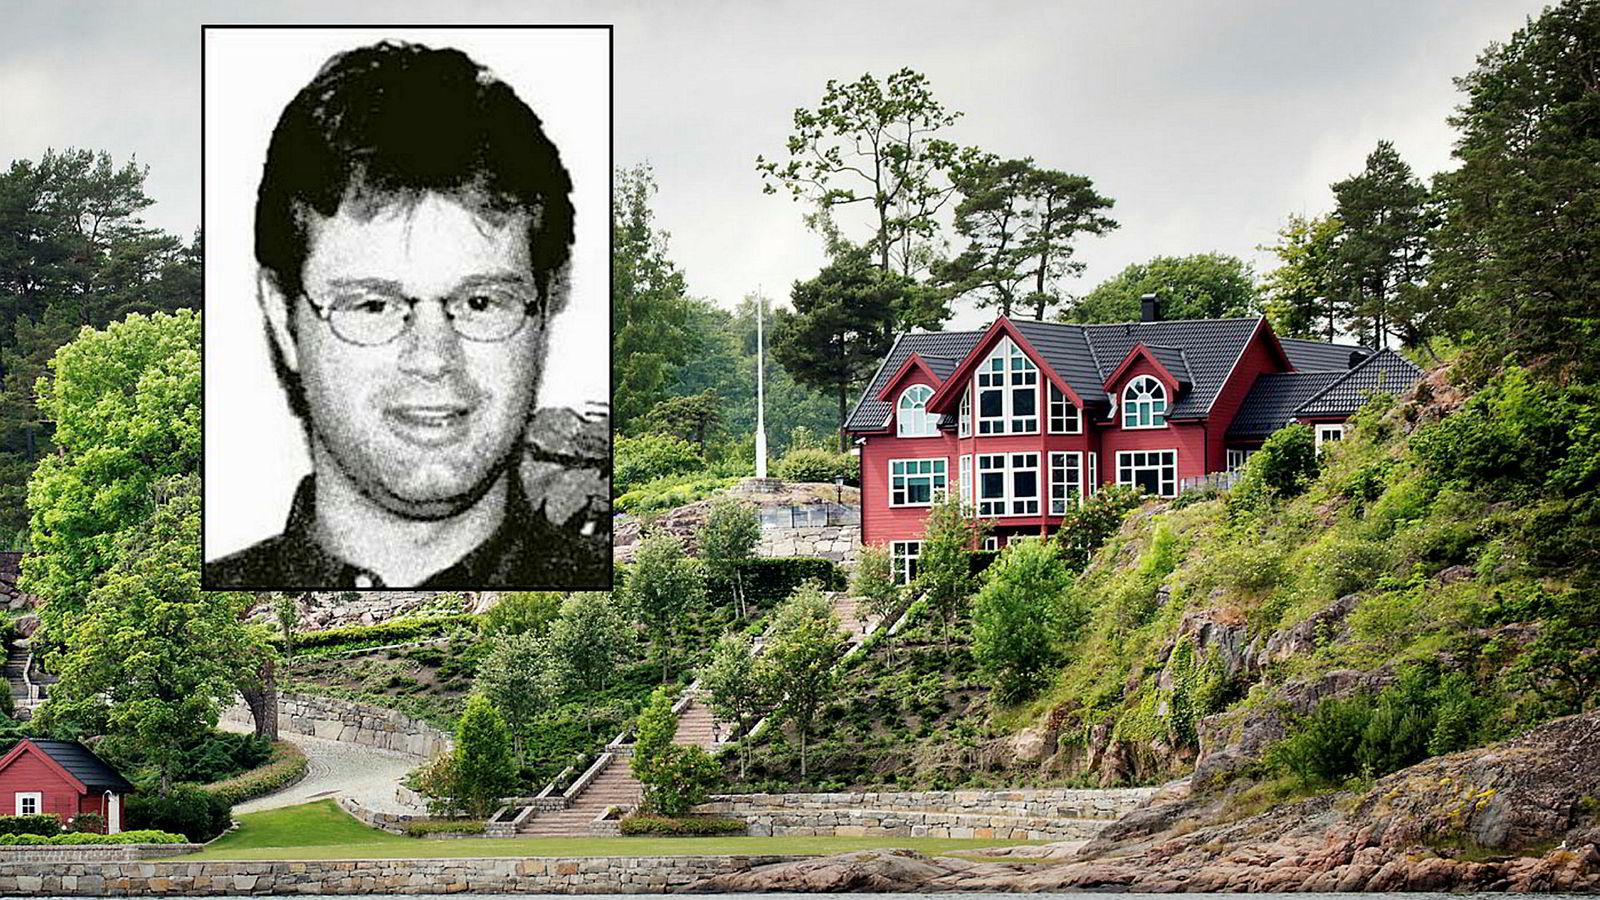 Den skattelignede inntekten til krafttrader Einar Aas falt i fjor fra 833 millioner kroner til null. Torsdag varslet ham om mulig personlig konkurs.